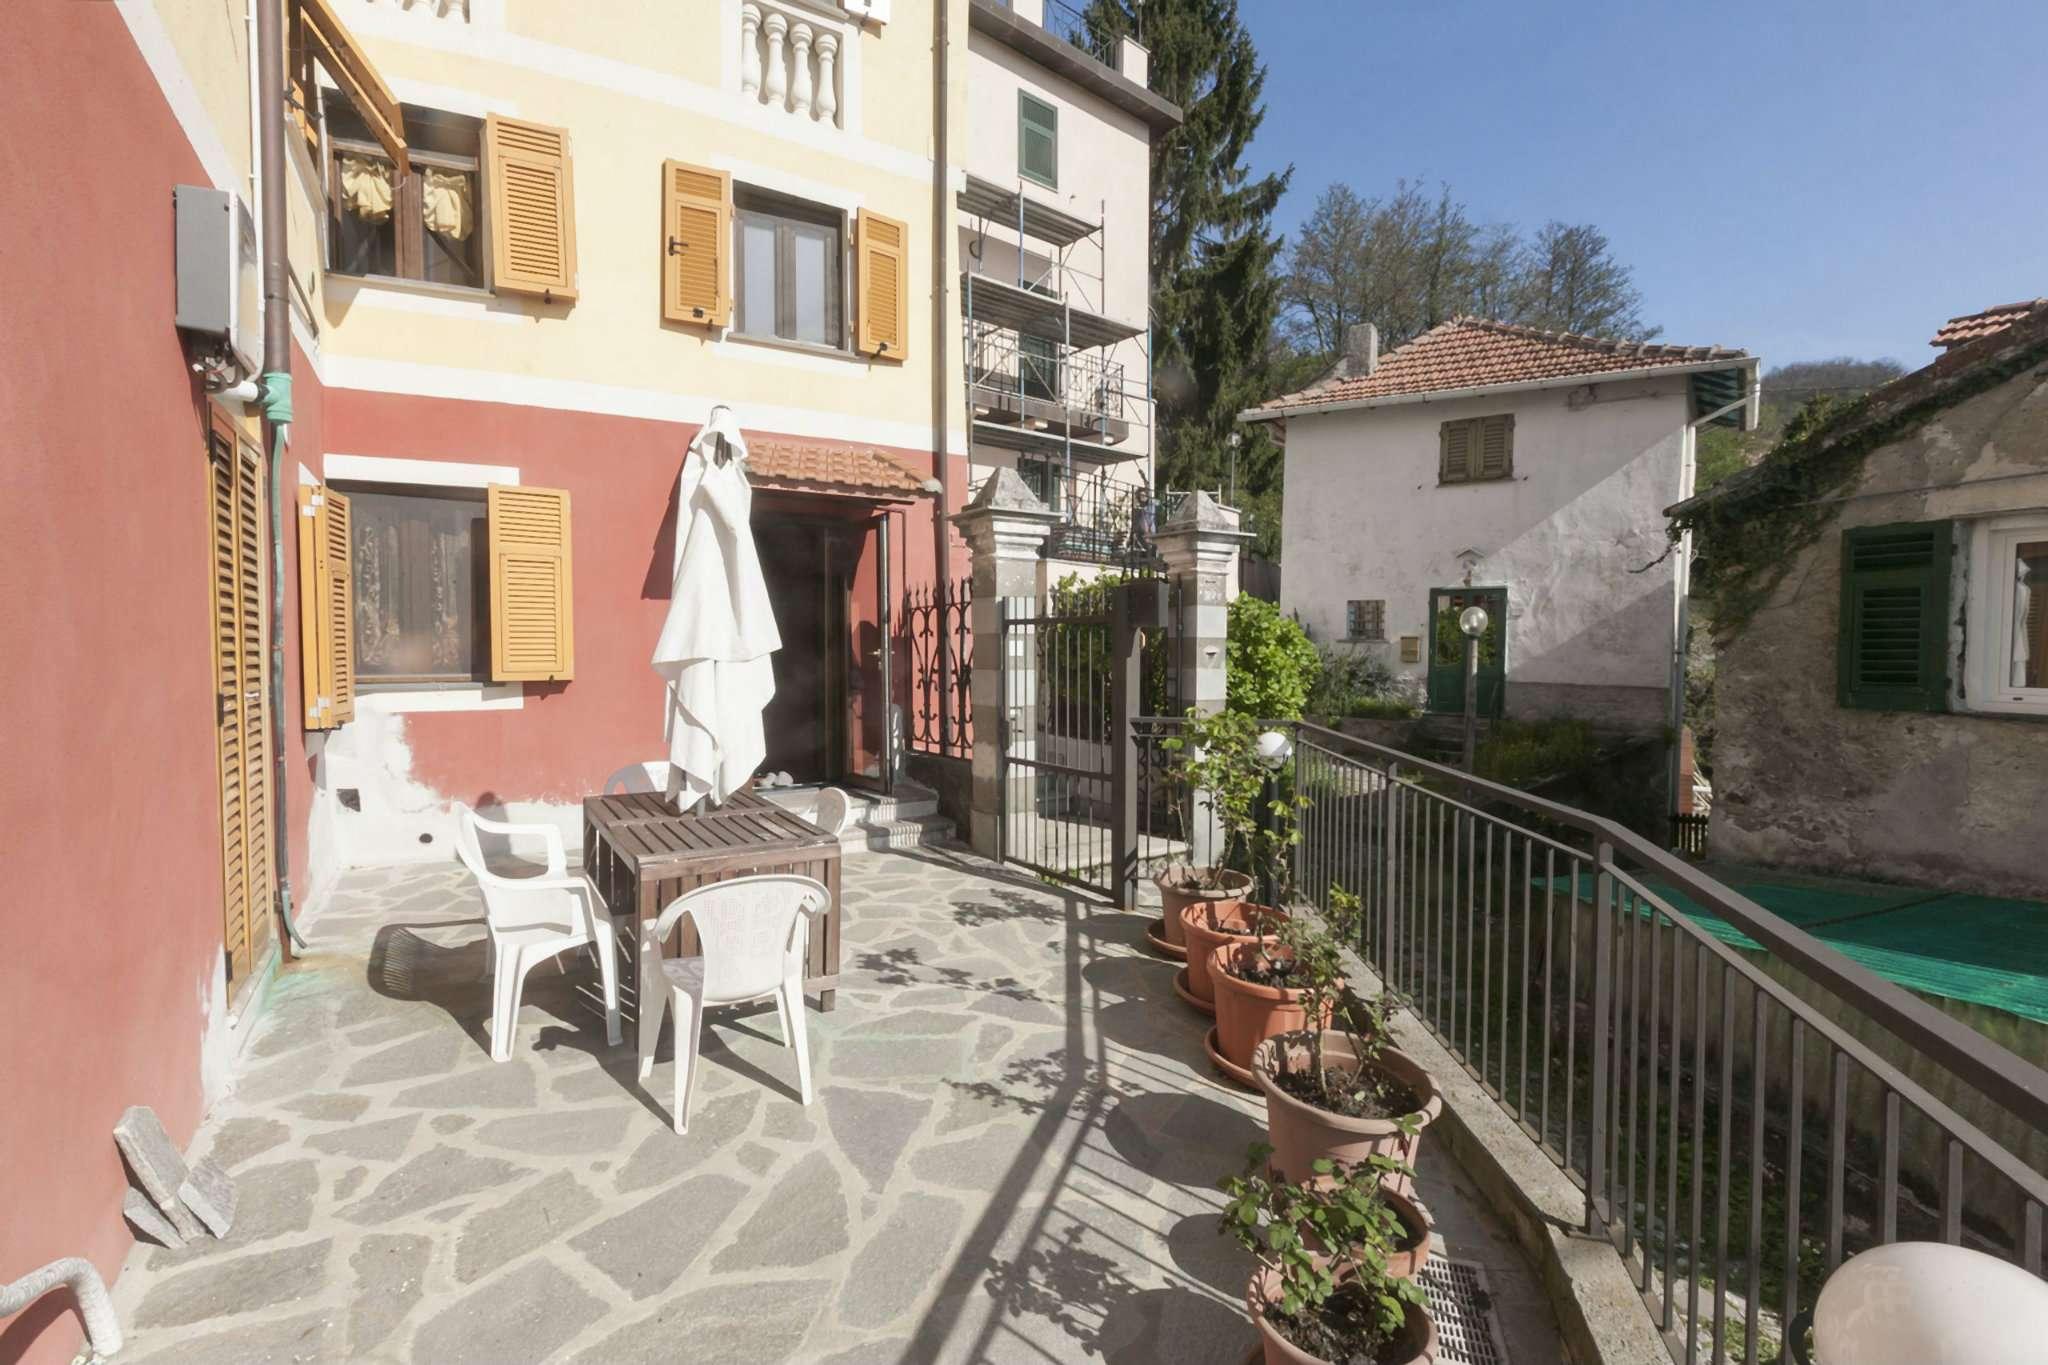 Soluzione Semindipendente in vendita a Campomorone, 5 locali, prezzo € 130.000 | CambioCasa.it